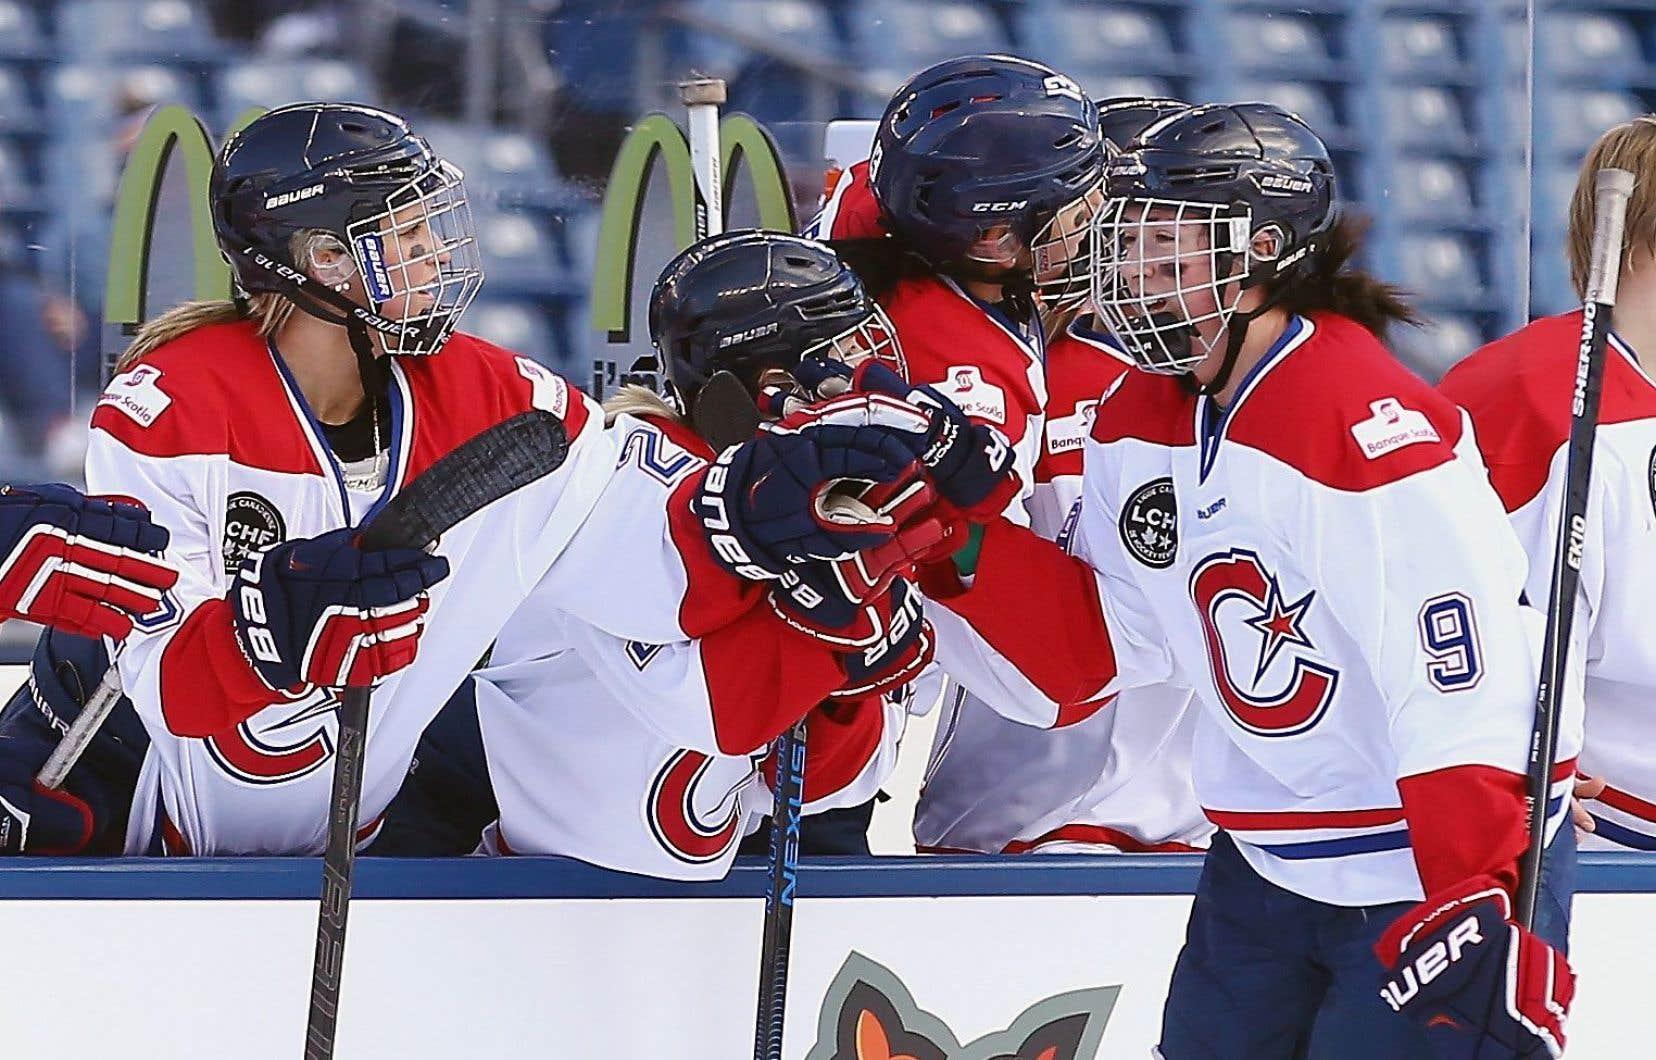 Vainqueur de la coupe Clarkson l'année dernière, l'Inferno de Calgary s'est incliné contre les Canadiennes cette année. Ci-dessus: Kim Deschênes célèbre son premier but en première période contre Boston en décembre 2015.